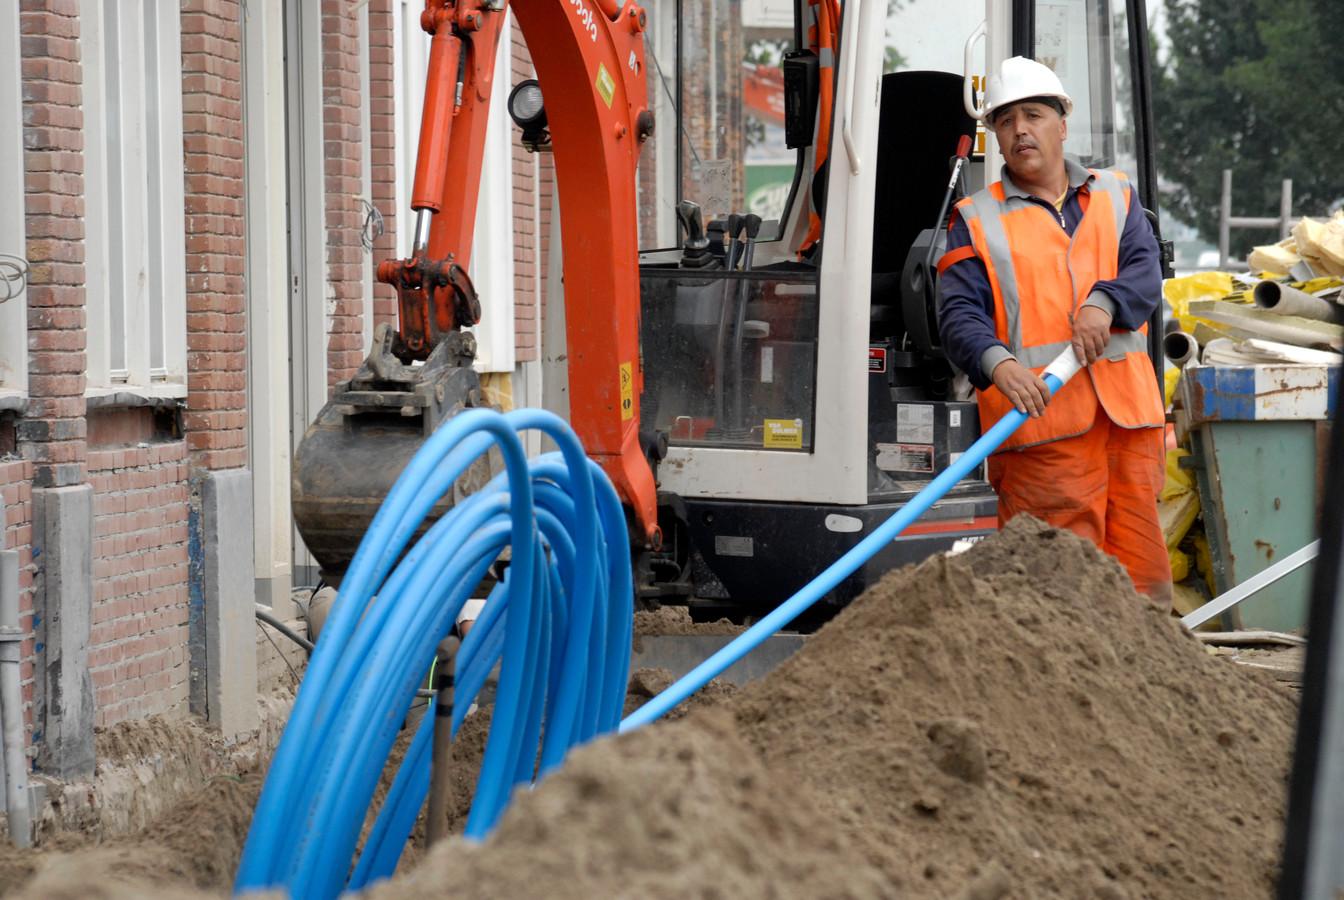 Zowel VodafoneZiggo als KPN beschikken over een landelijk dekkend kabelnetwerk.